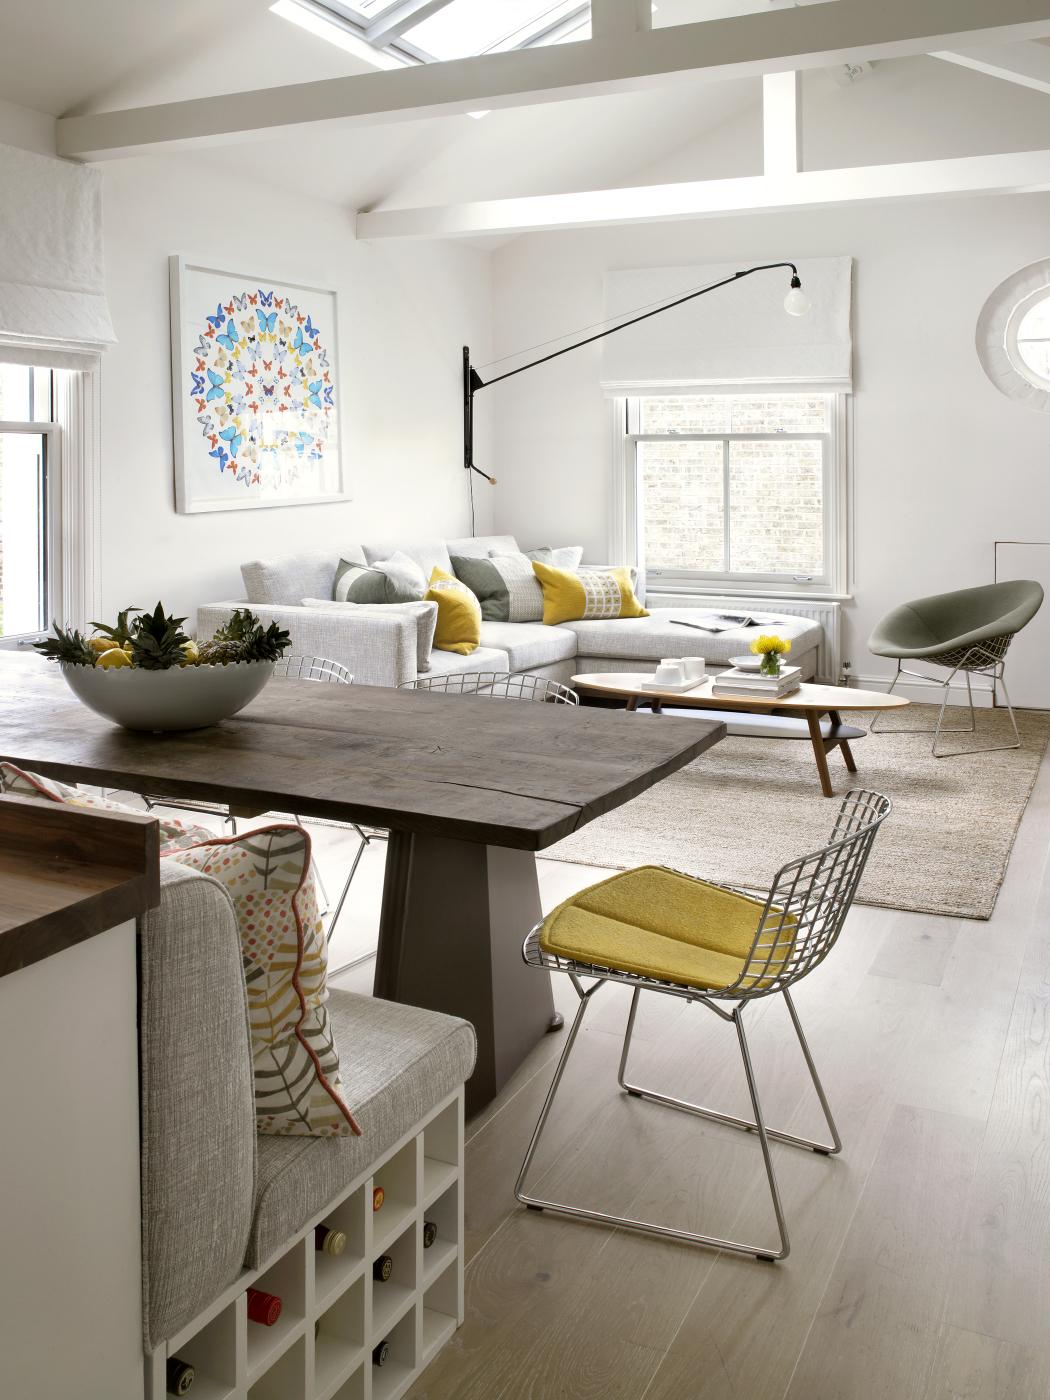 erste eigene wohnung diese einrichtungsfehler lassen sich vermeiden erstewohnung. Black Bedroom Furniture Sets. Home Design Ideas